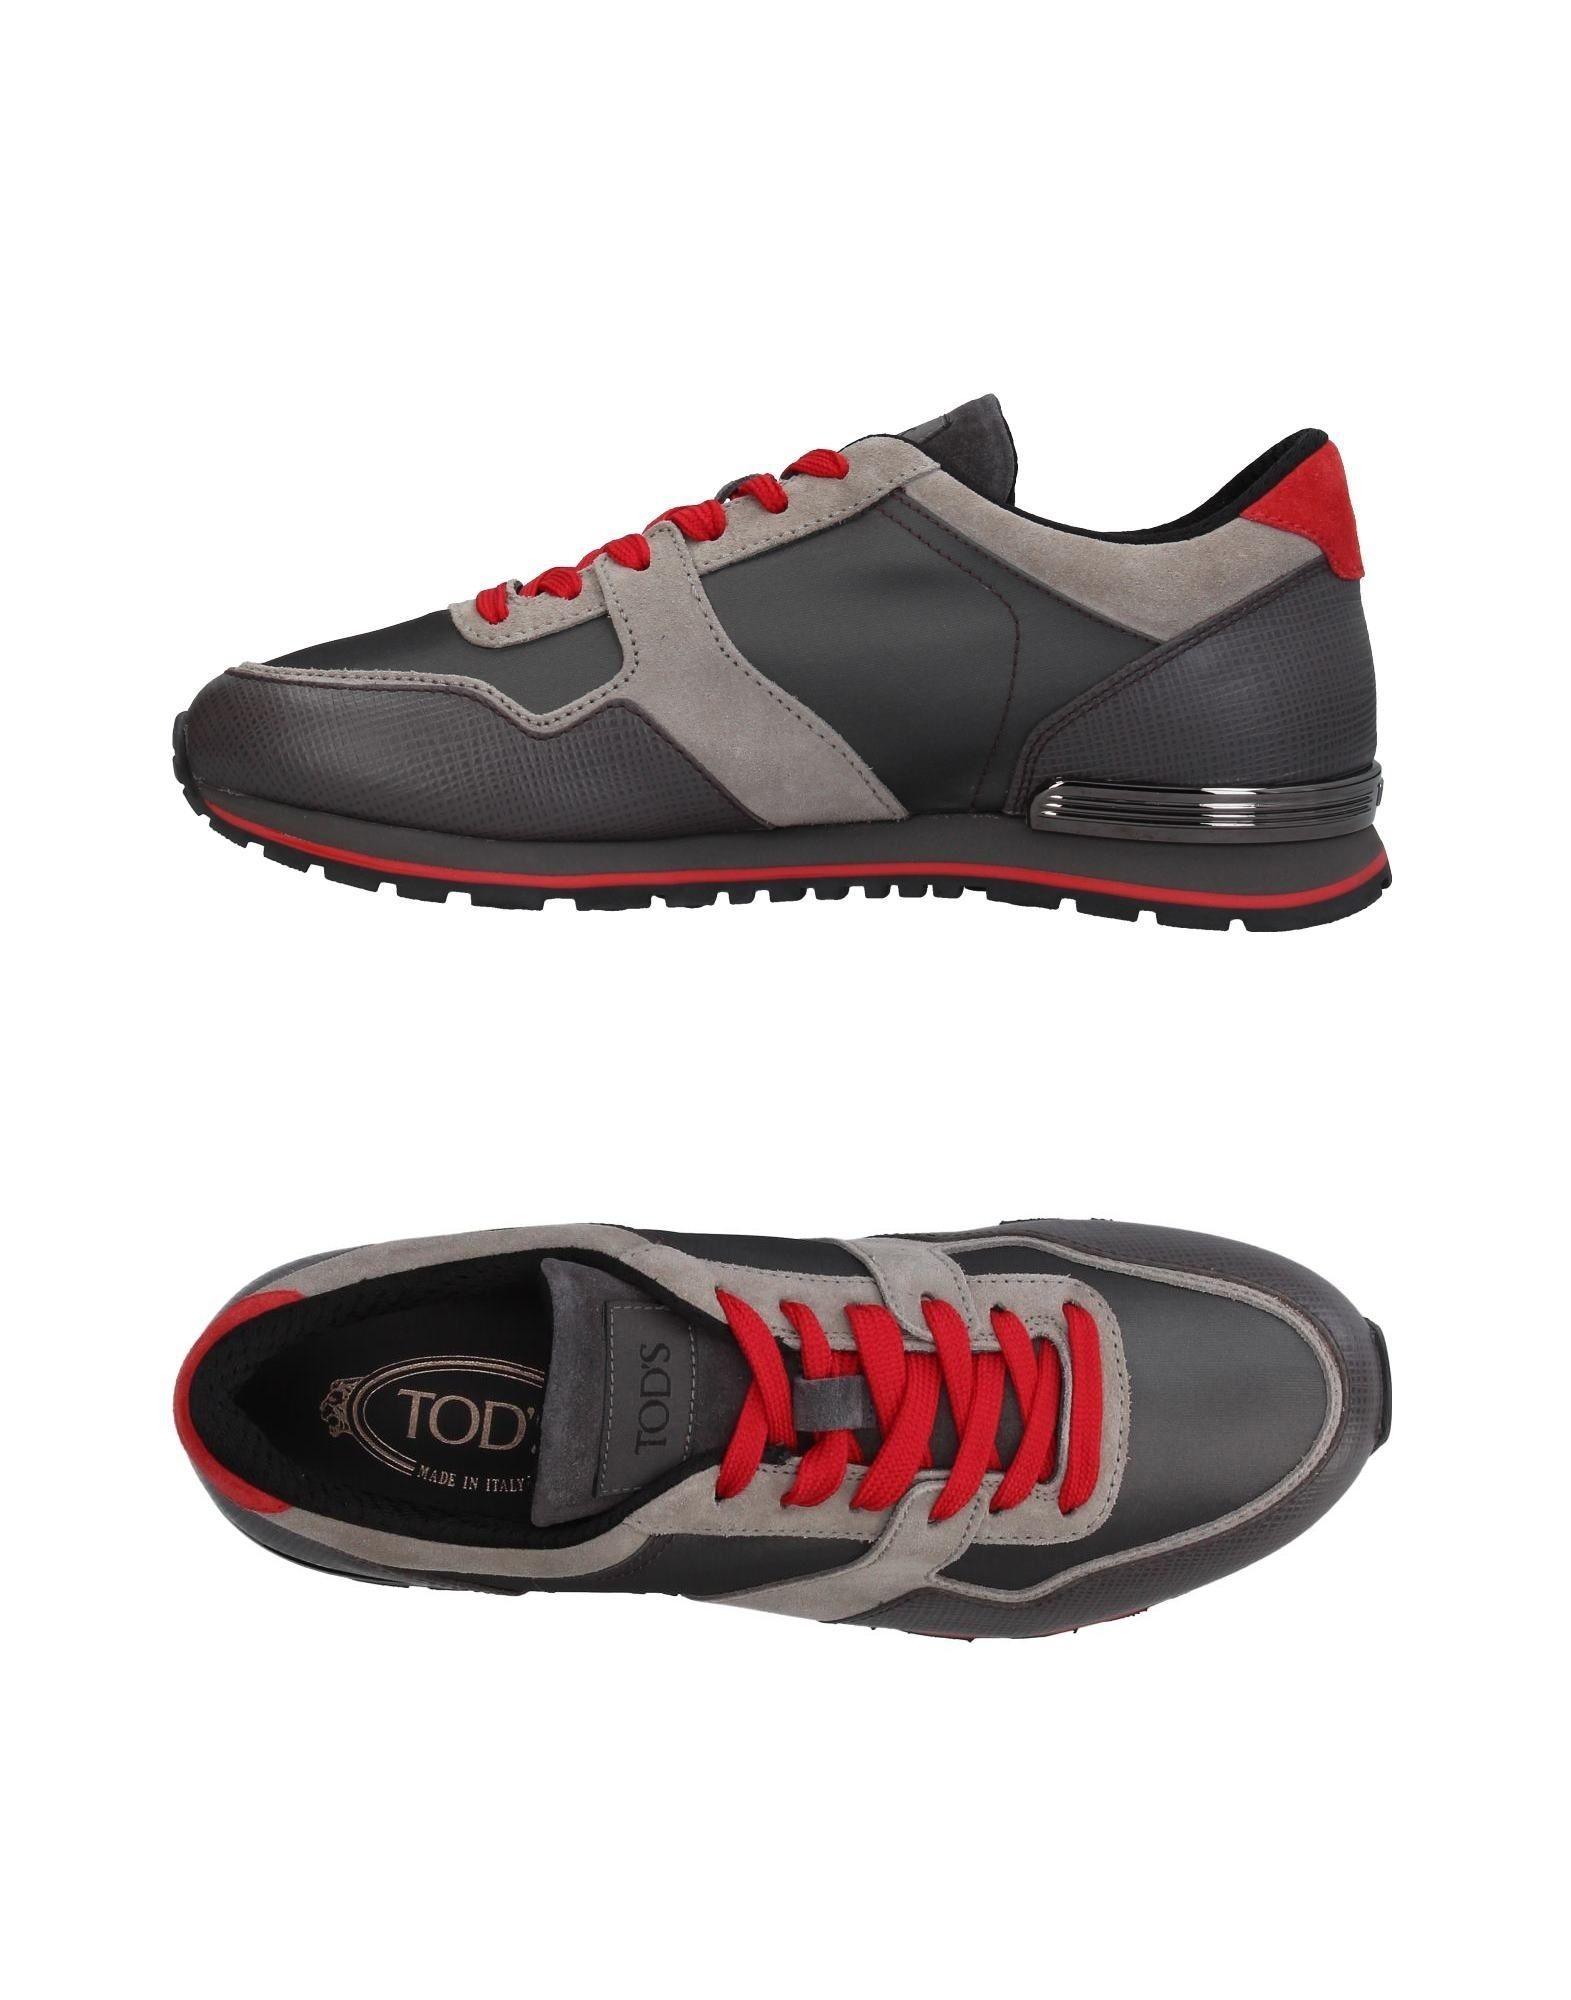 Tod's Sneakers Herren Qualität  11396973GW Gute Qualität Herren beliebte Schuhe 923652